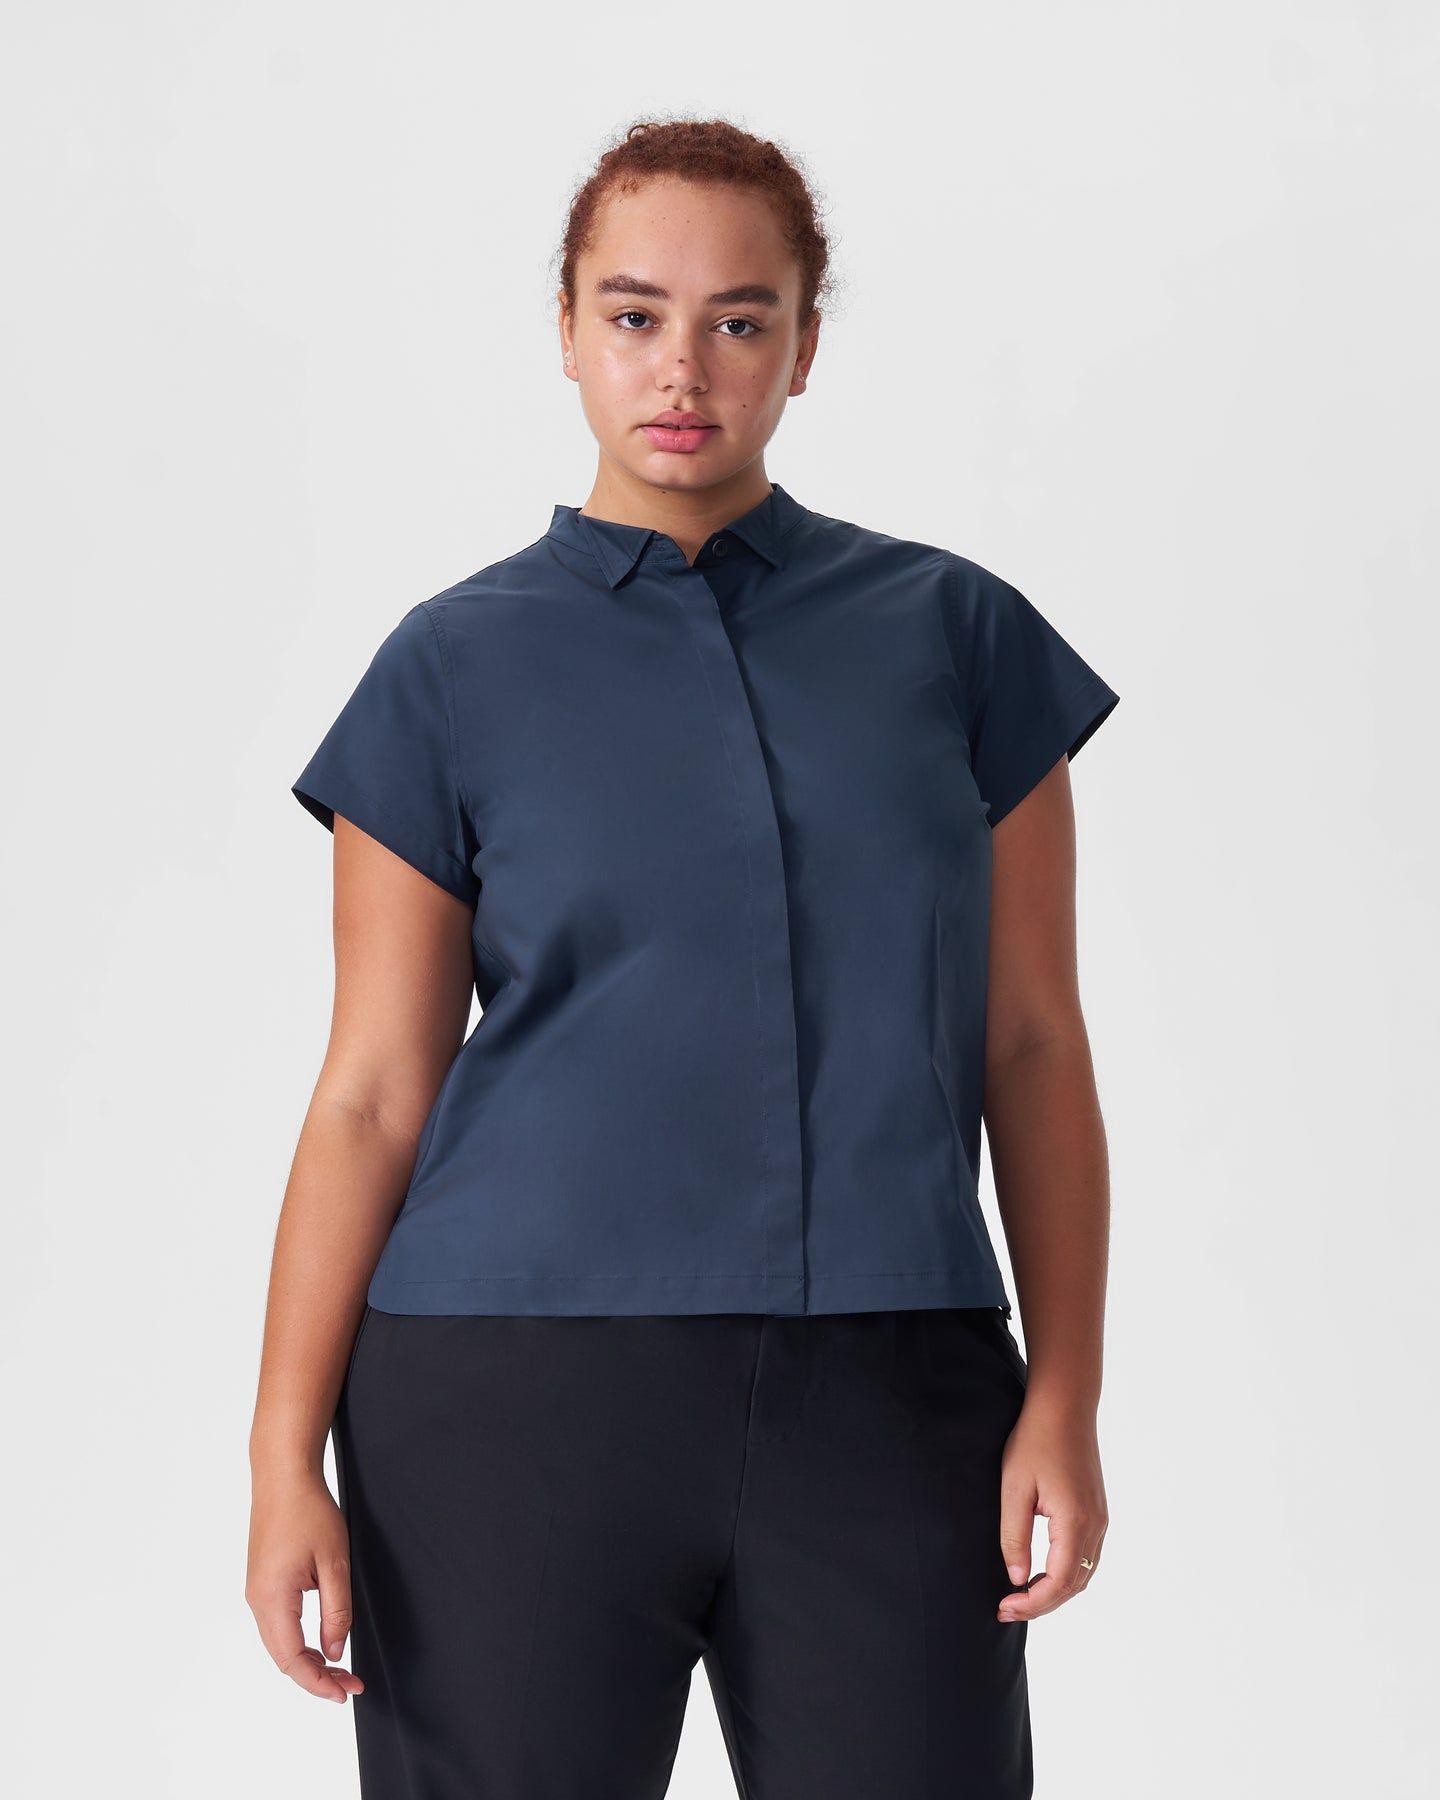 Aster Tuxedo Collar Shirt - Navy - image 0